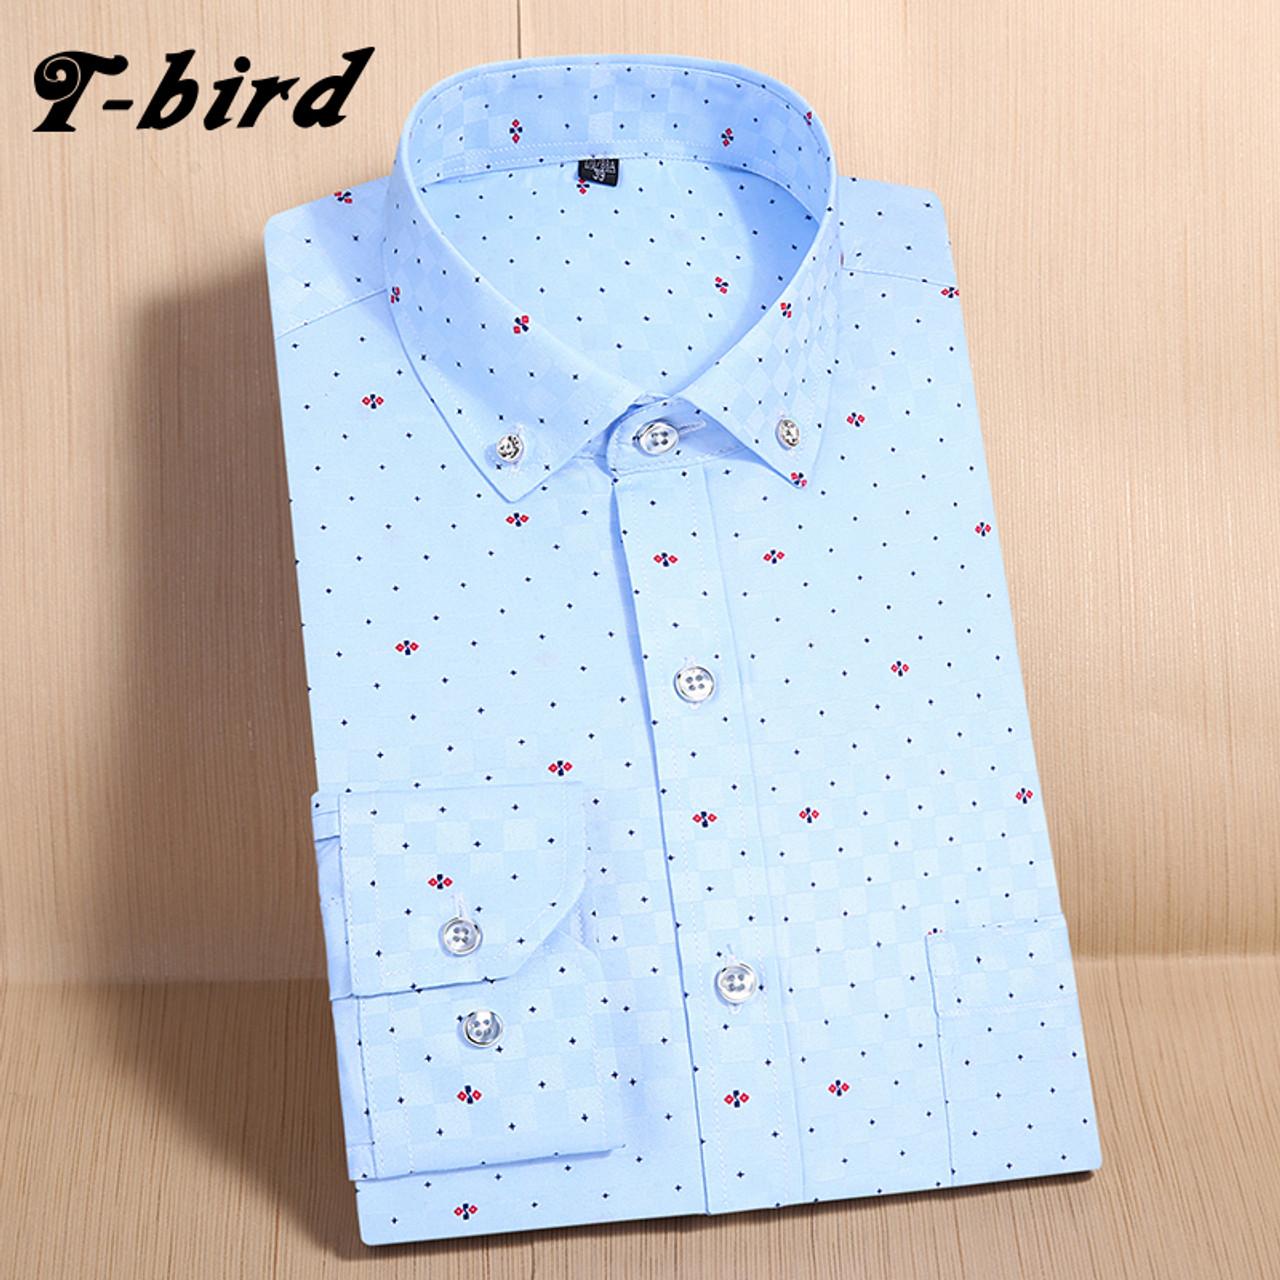 15d19d96caee T-Bird Men Shirt Long Sleeve Print Casual Shirt camisa masculina Brand High  Quality Men'S ...